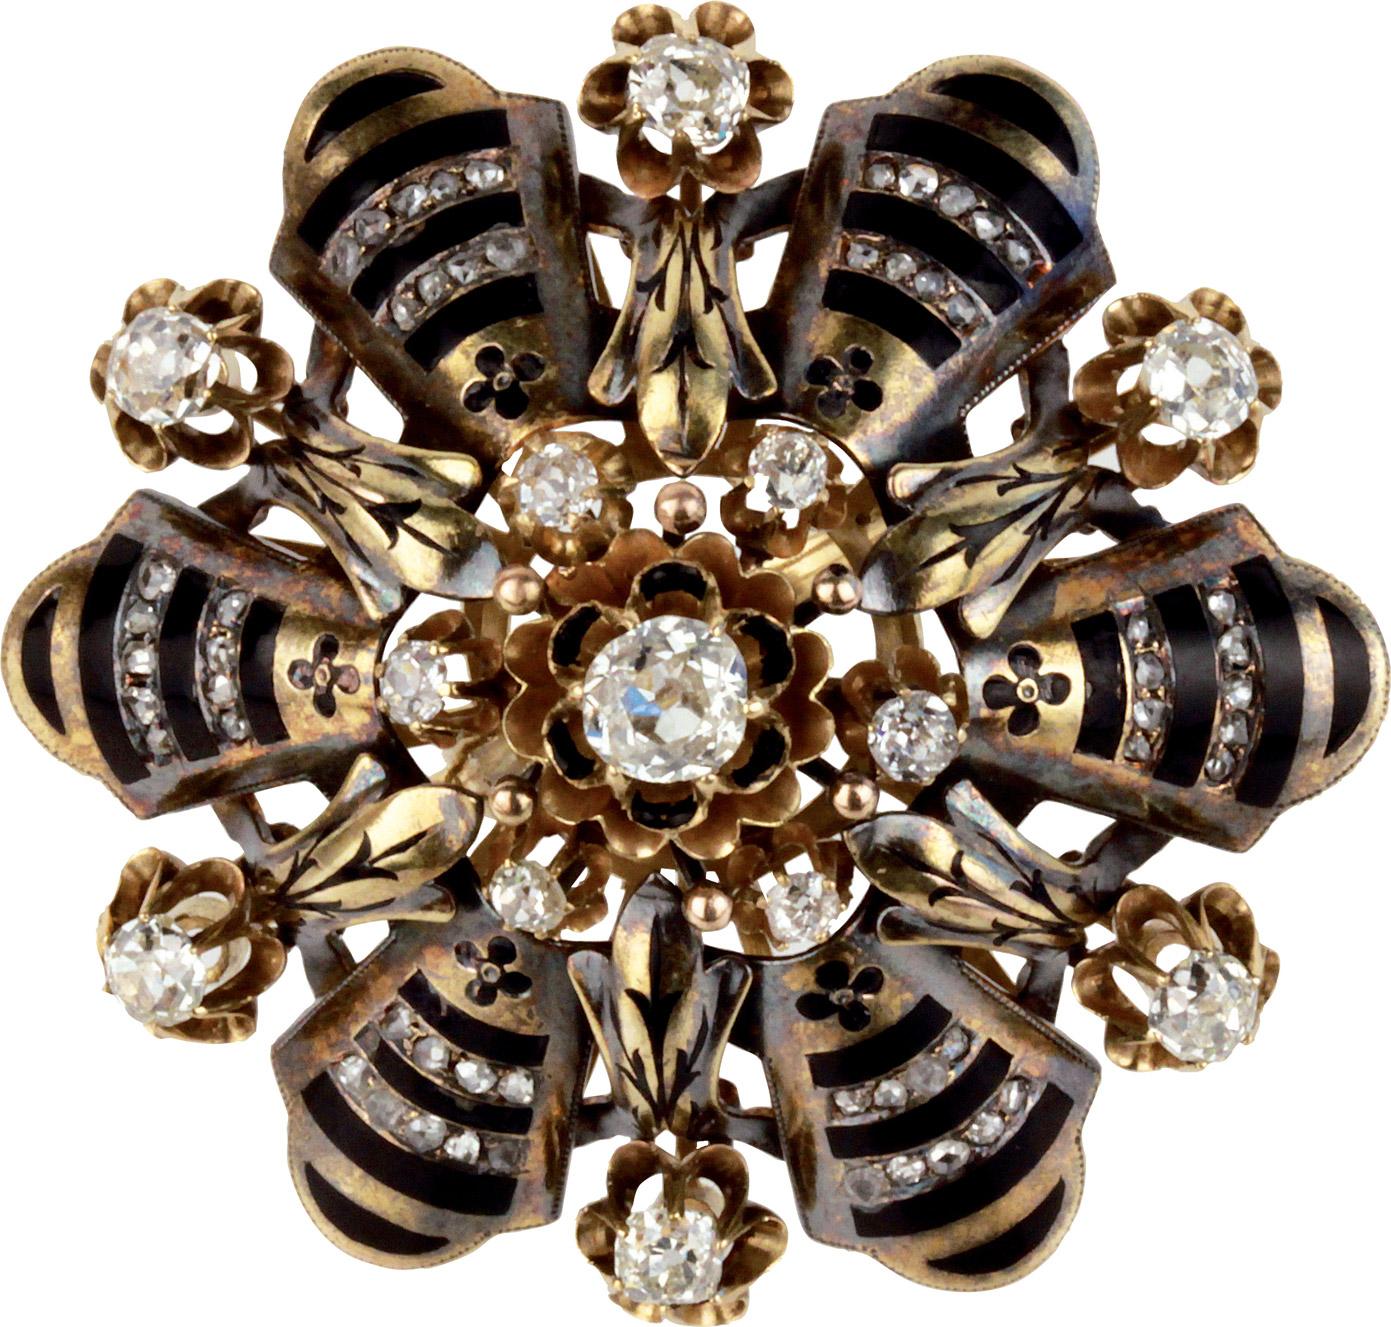 Anello in oro e smalti con diamanti, anni '30-'40.